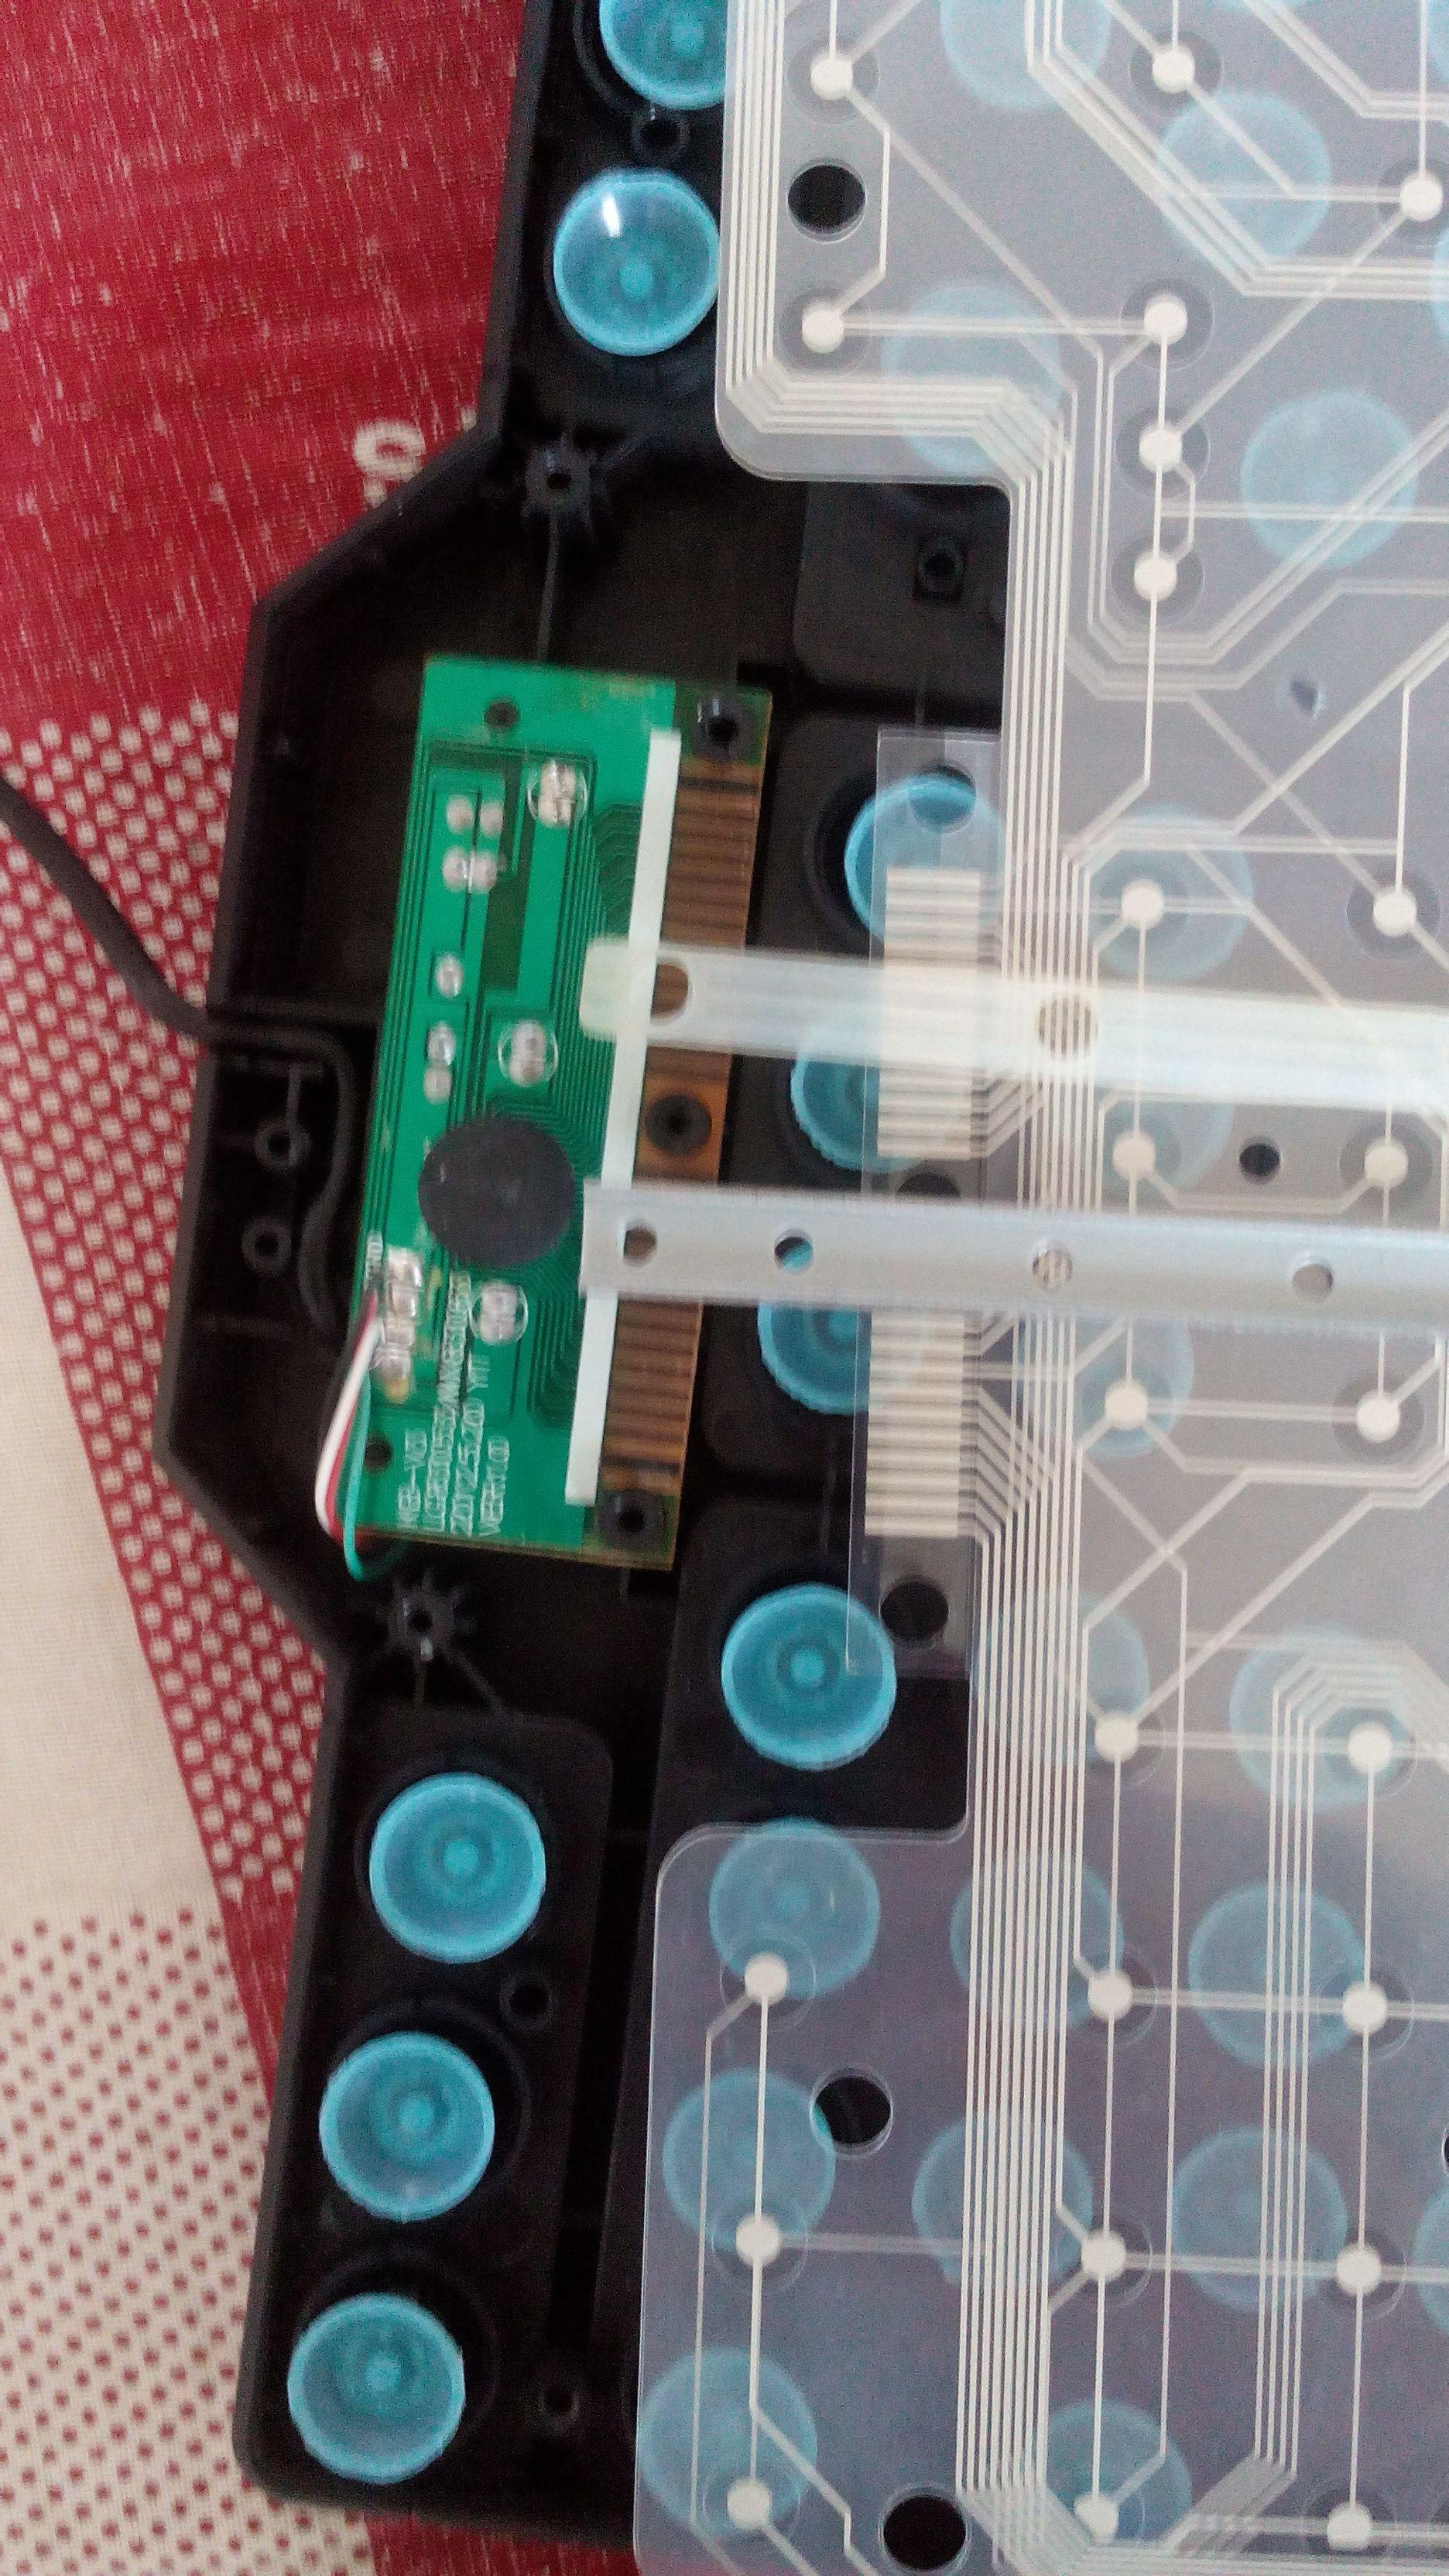 键盘打开后清洗后,电路板和铁片和软的胶垫和中间的薄膜忘了怎么重新